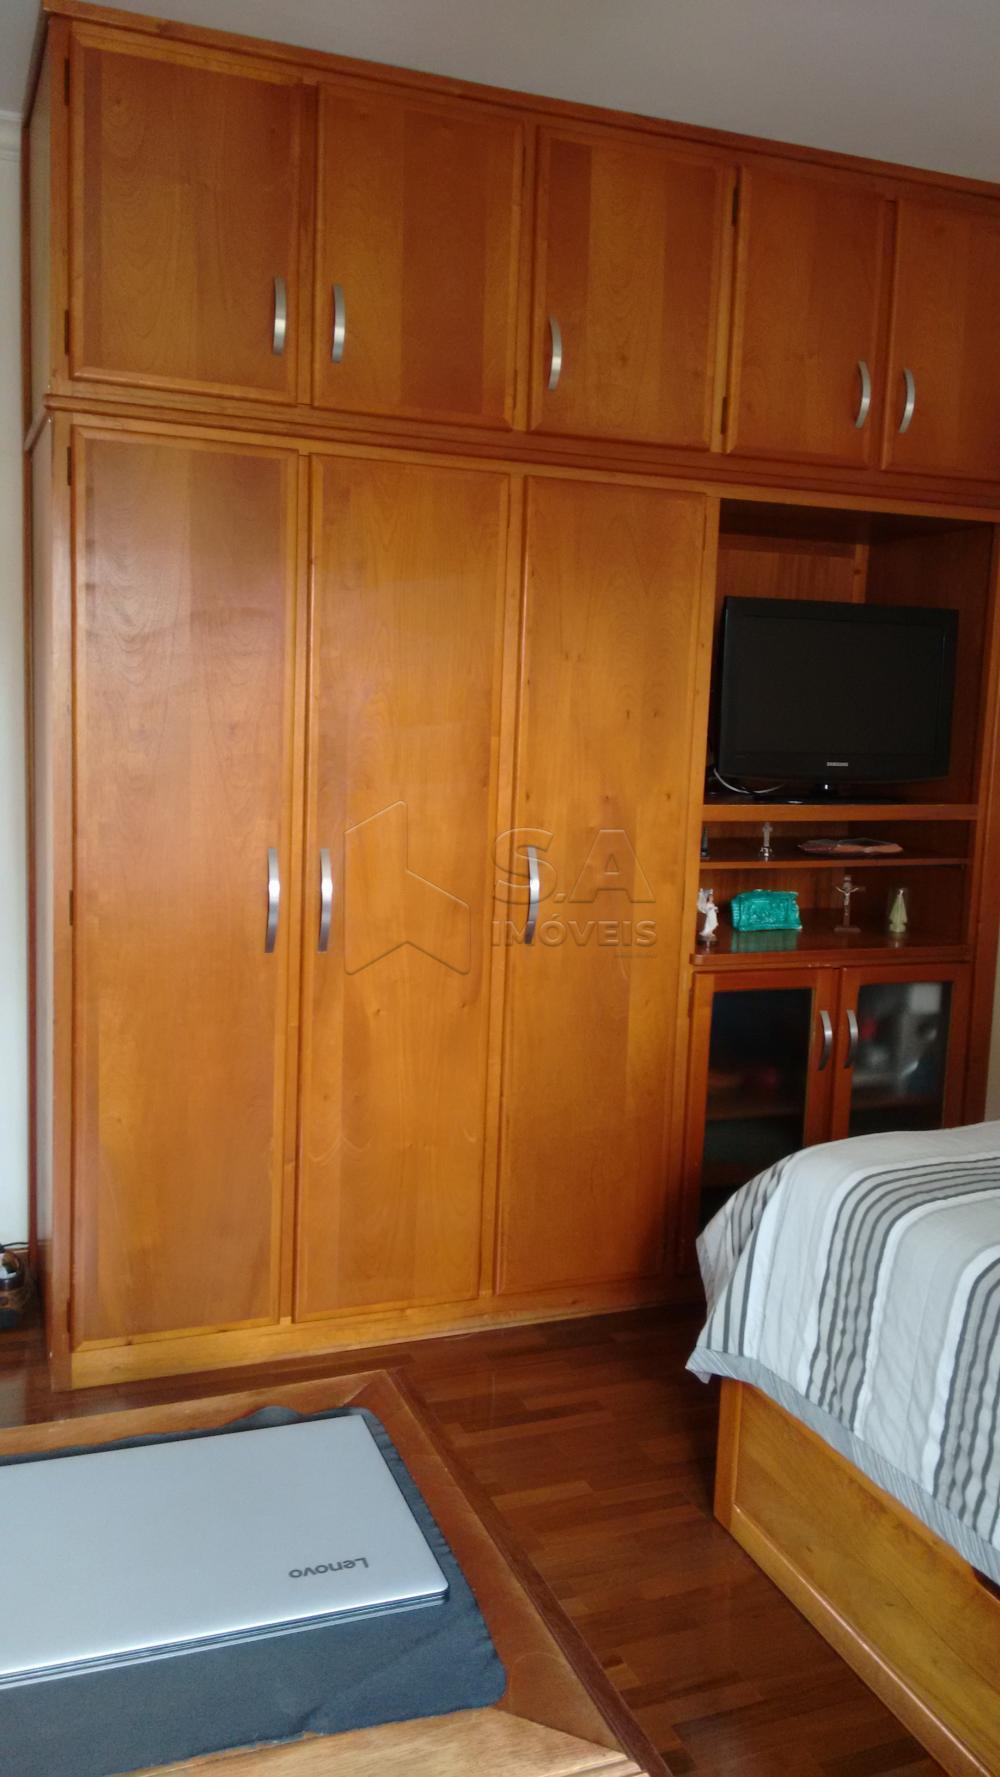 Comprar Casa / Padrão em Botucatu apenas R$ 880.000,00 - Foto 10